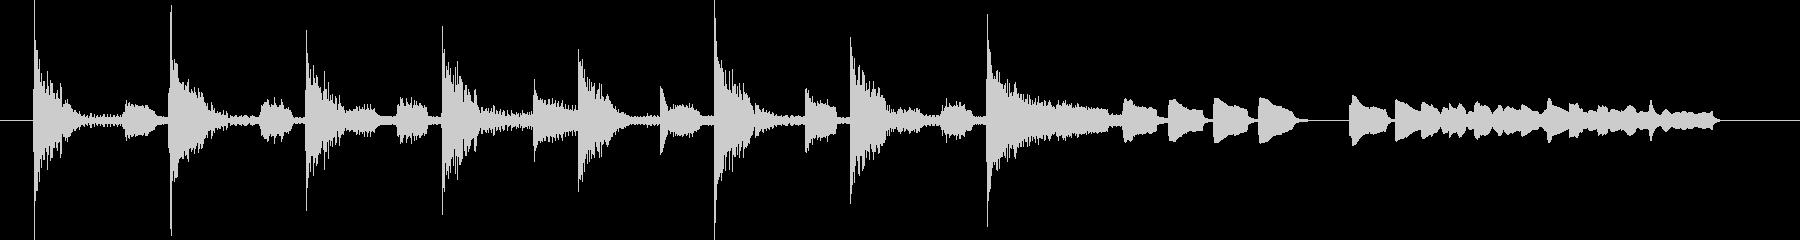 ブンチャブンチャ~テレレテッテレー 8の未再生の波形